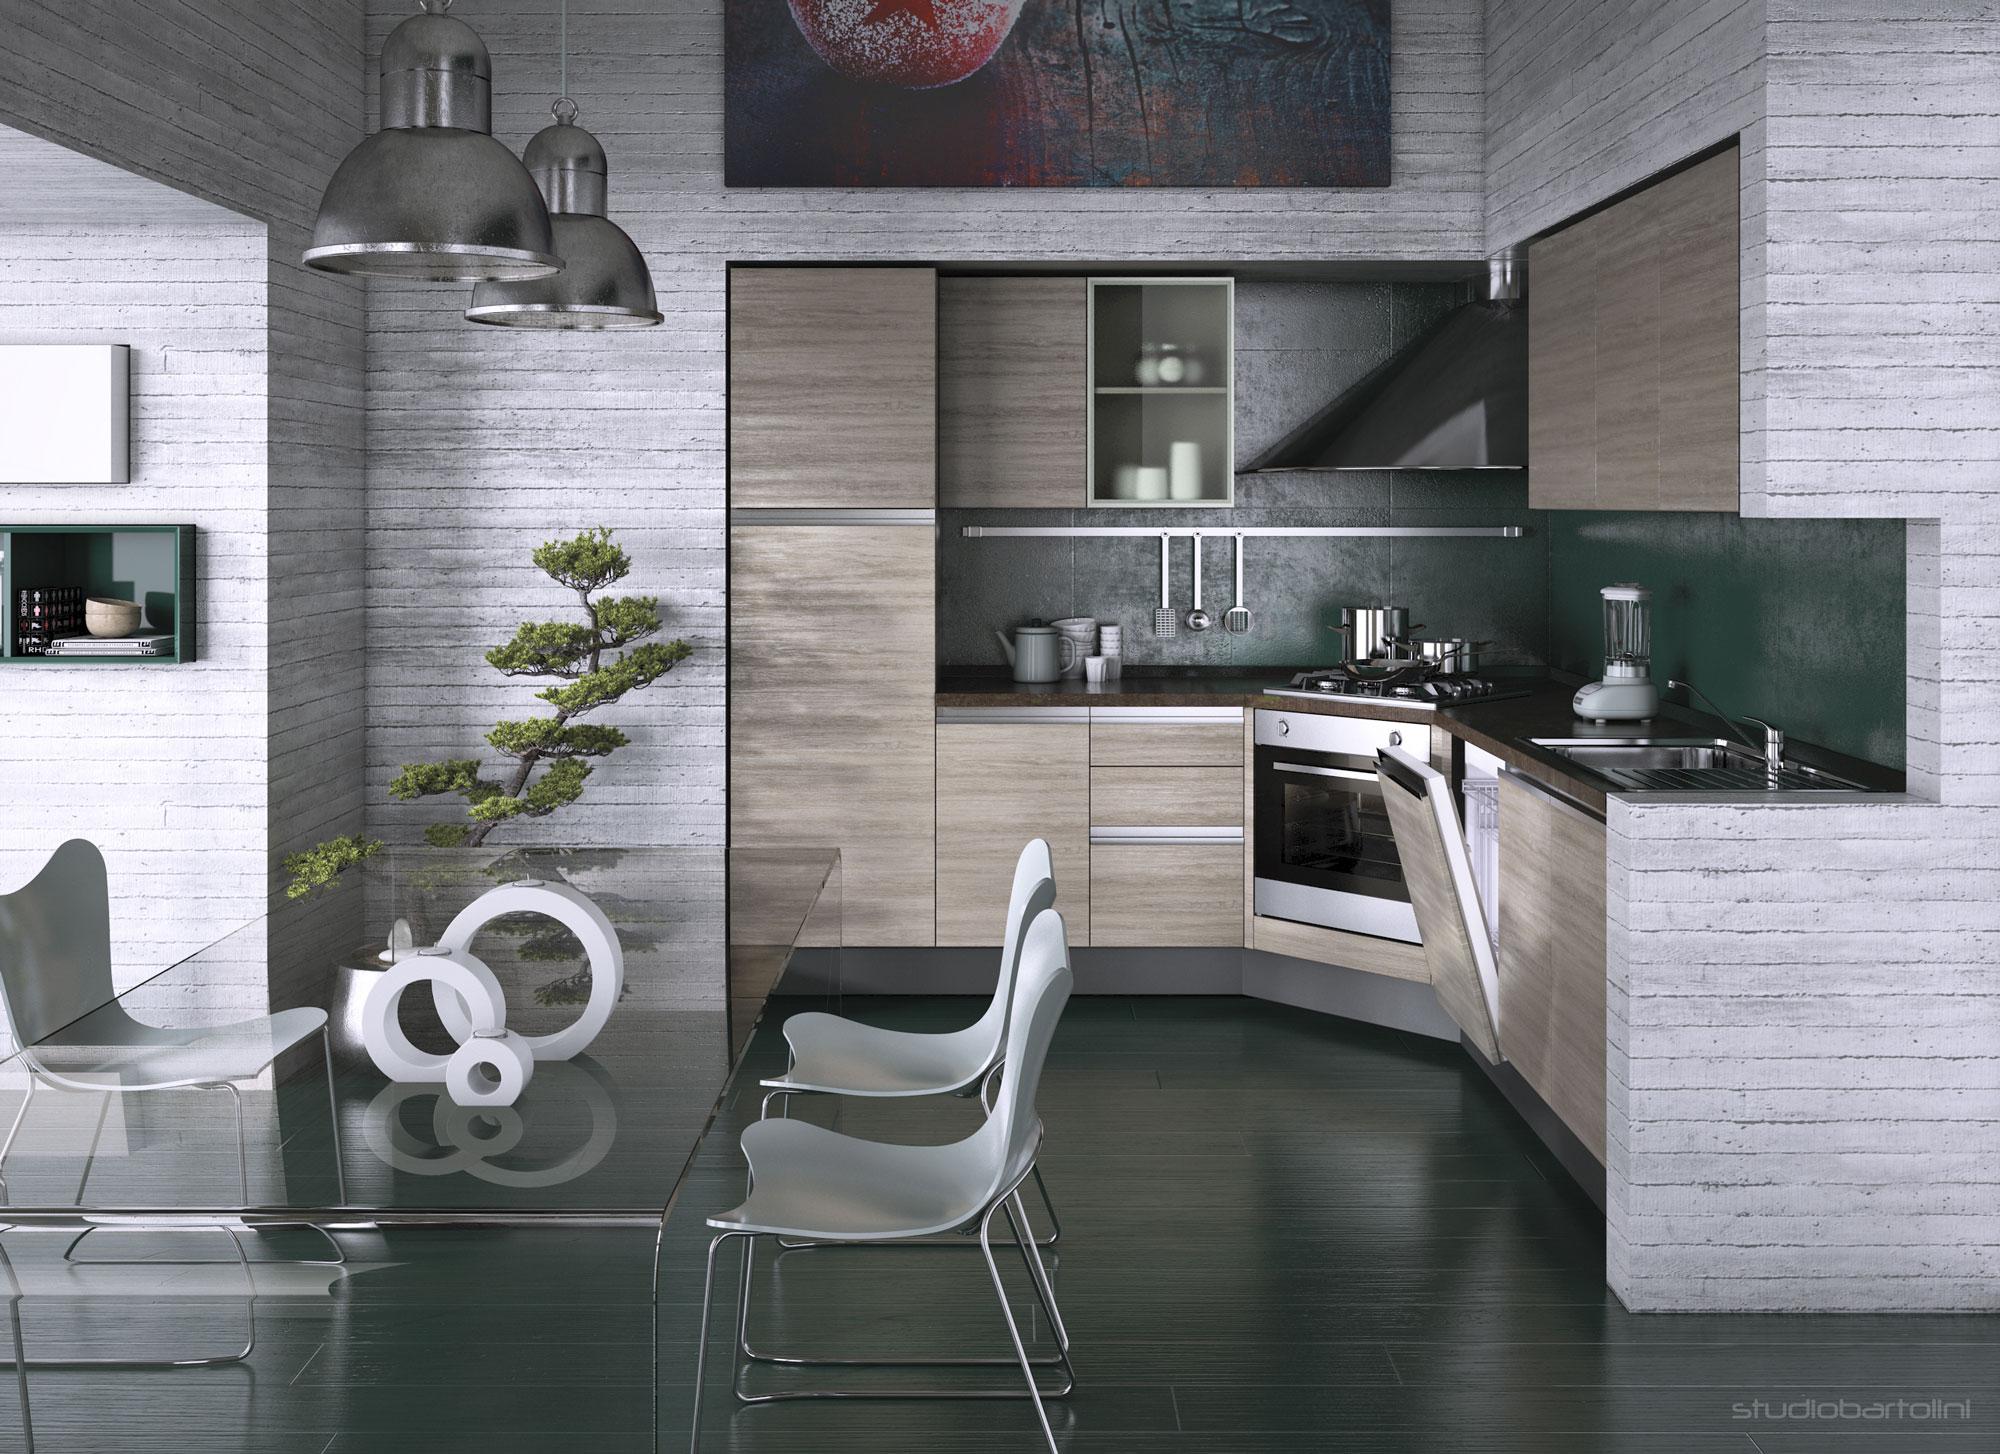 3D Studio Bartolini progettazione rendering cataloghi interior ...